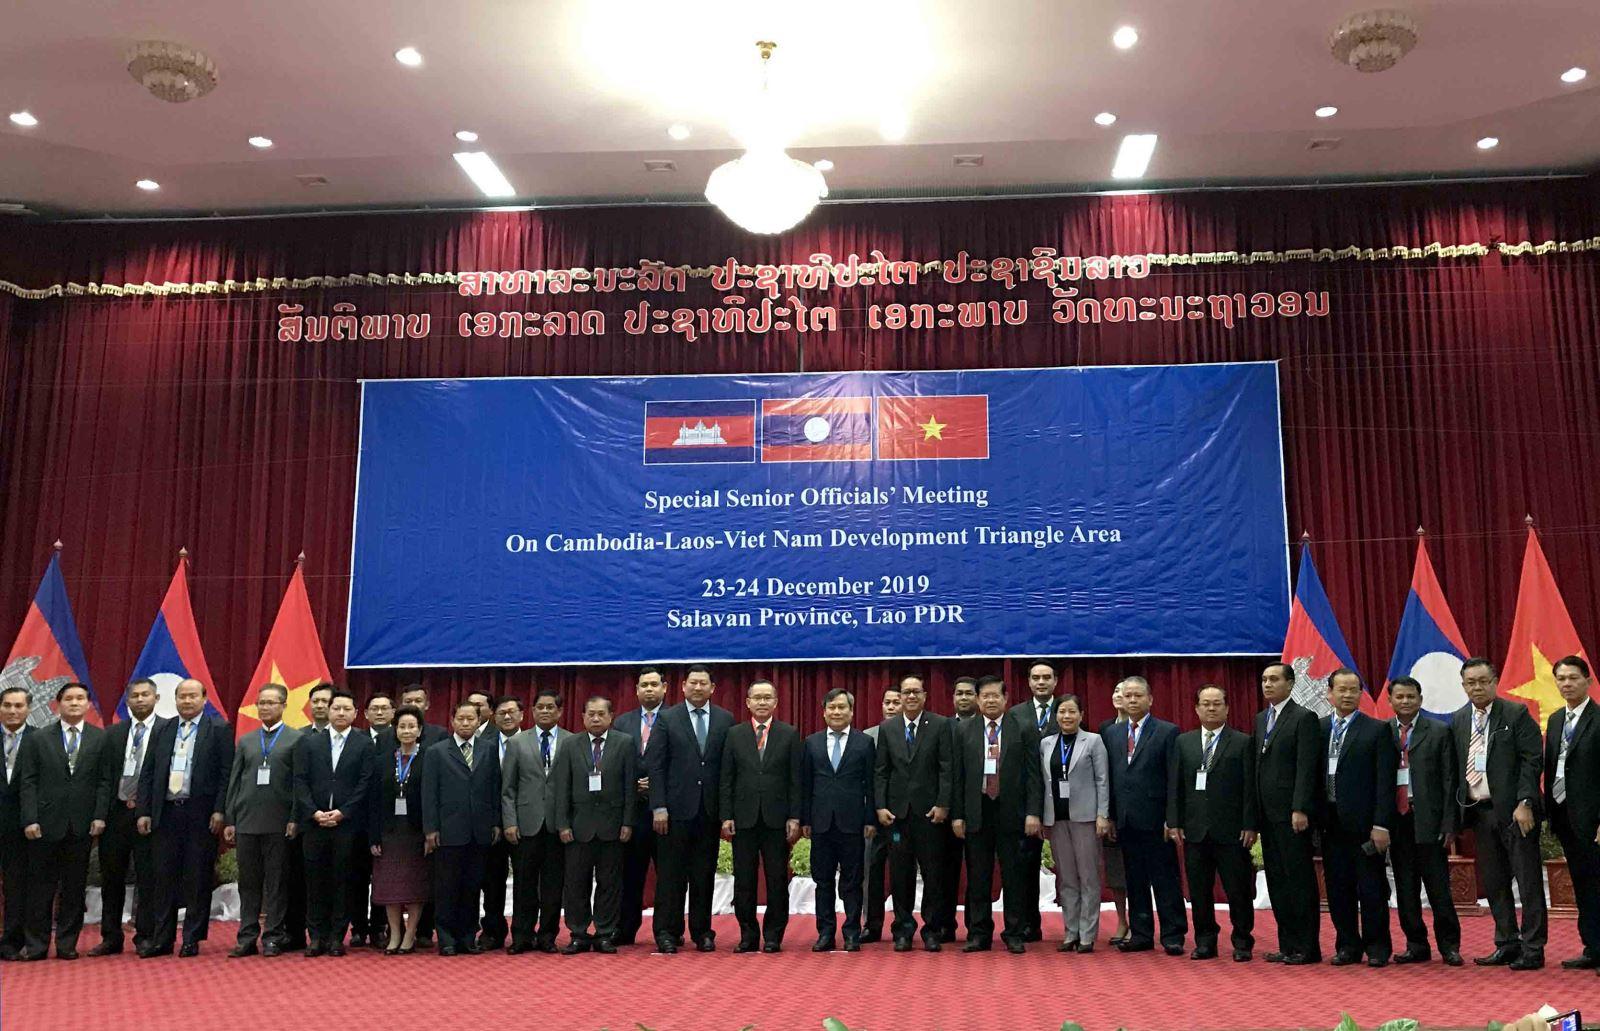 http://fileportalcms.mpi.gov.vn/Tinbai/NoiDung/2019/12/24/44925/2.jpg